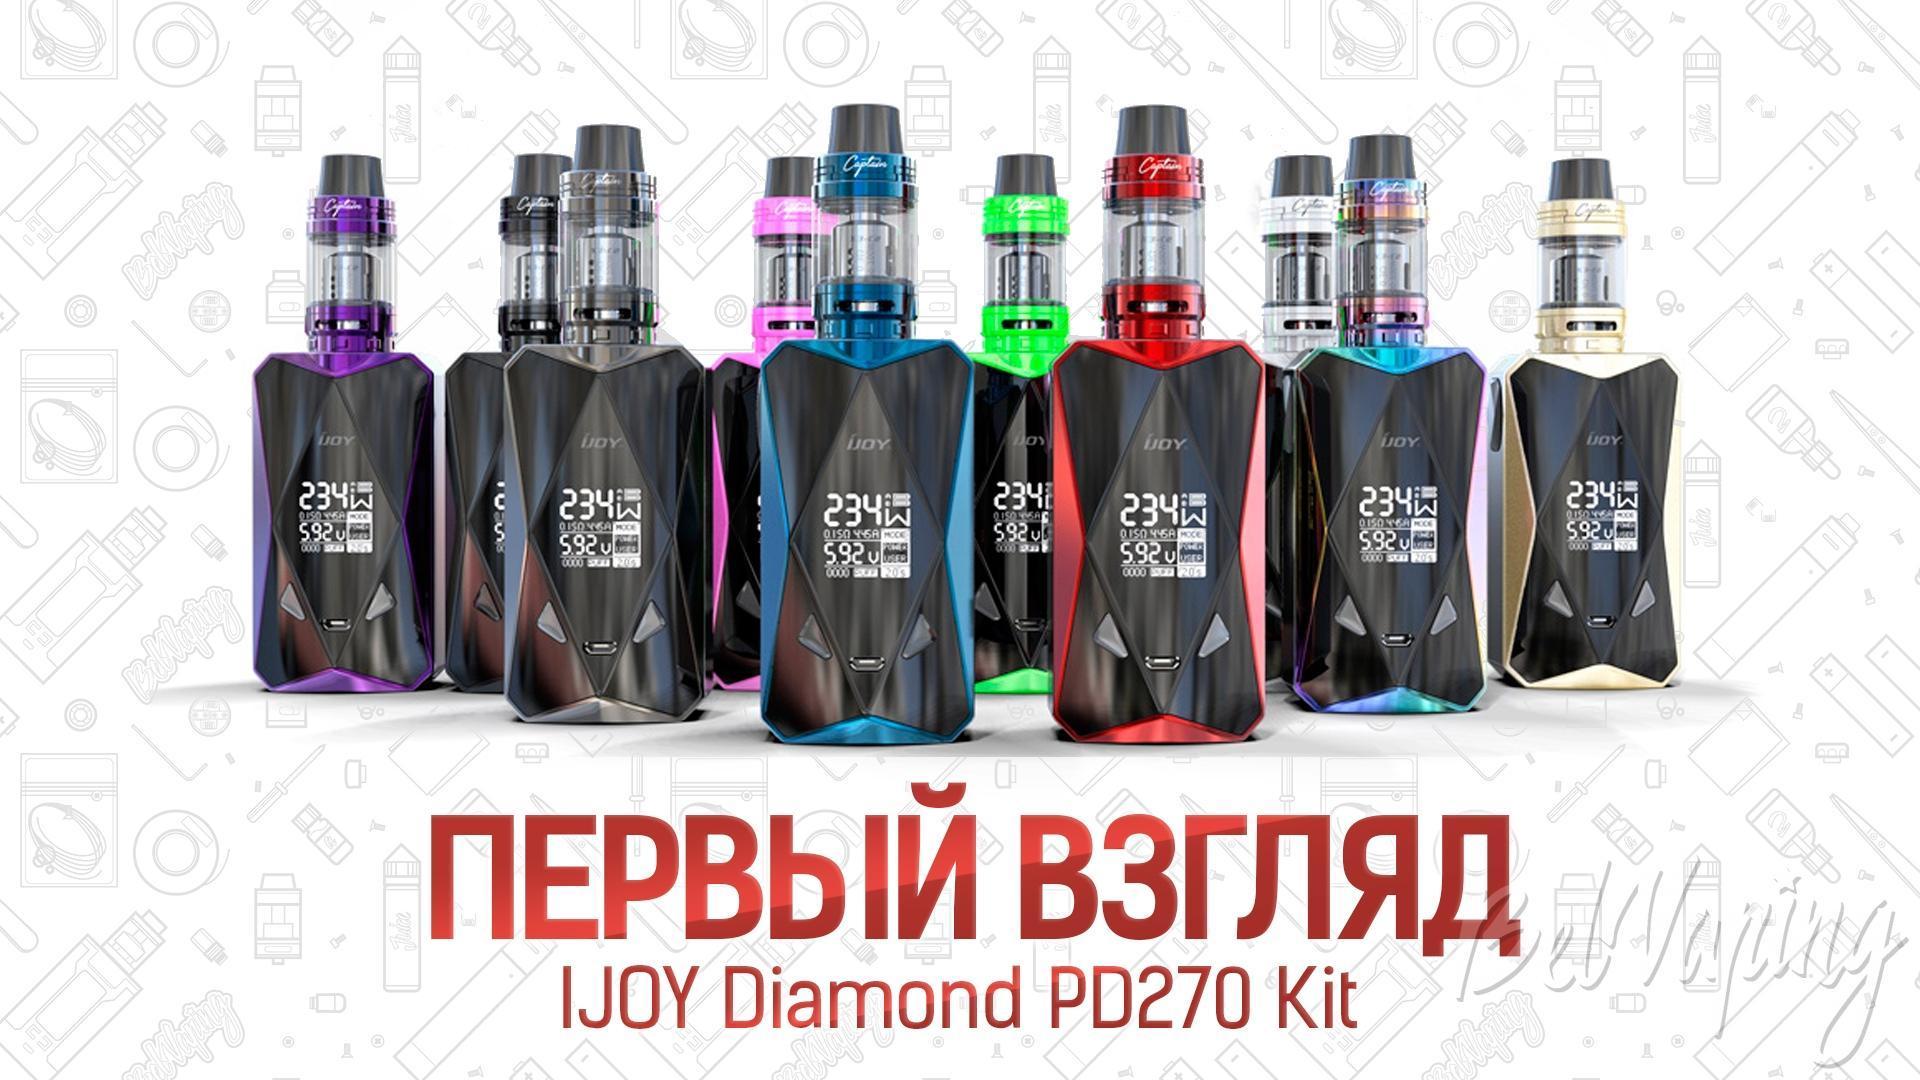 IJOY Diamond PD270 Kit. Первый взгляд